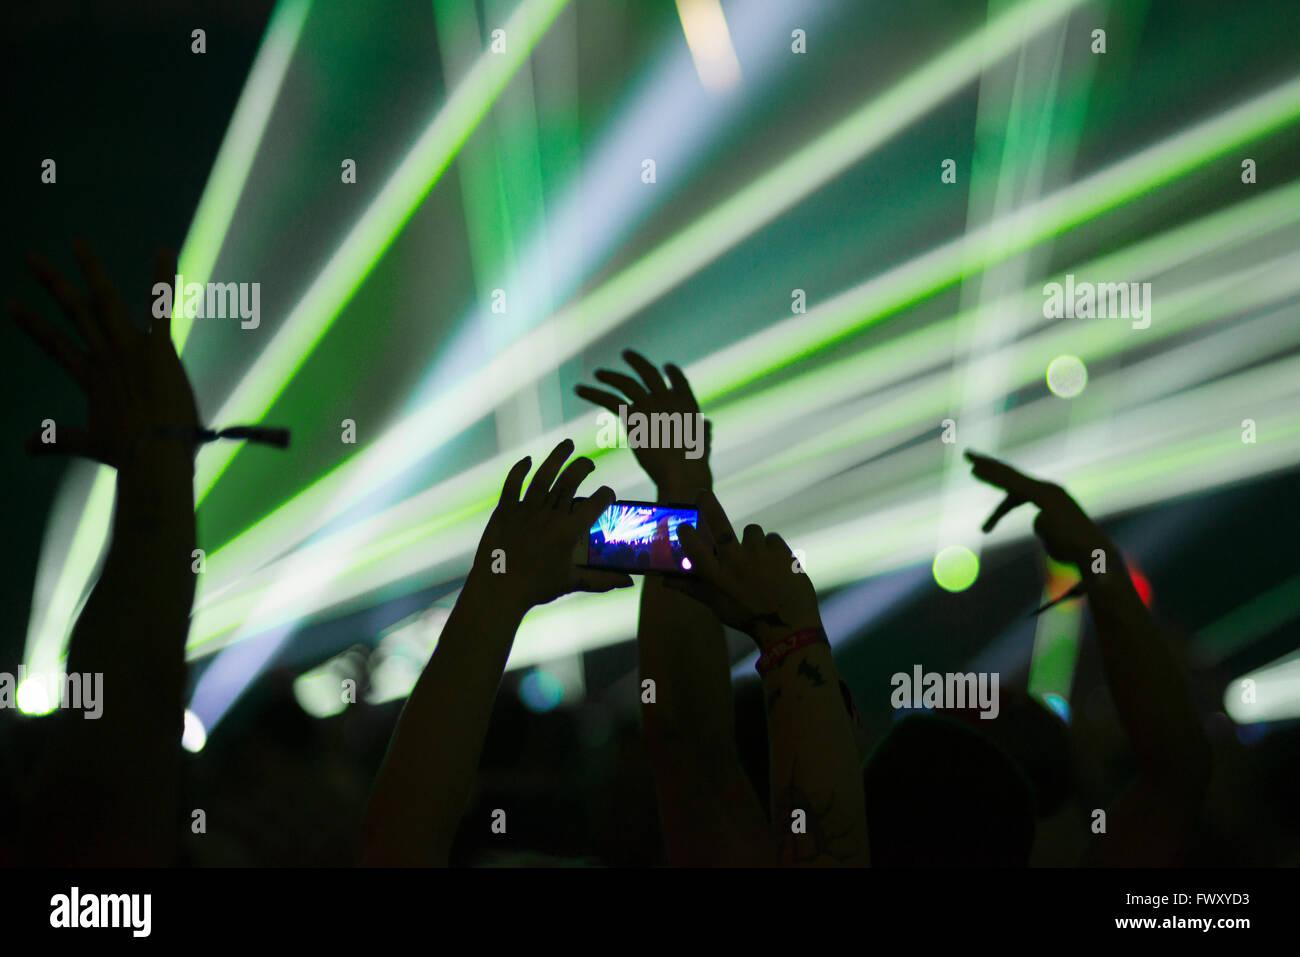 La Finlande, Helsinki, Uusimaa, l'homme à prendre des photos avec son smartphone au Festival d'été Banque D'Images